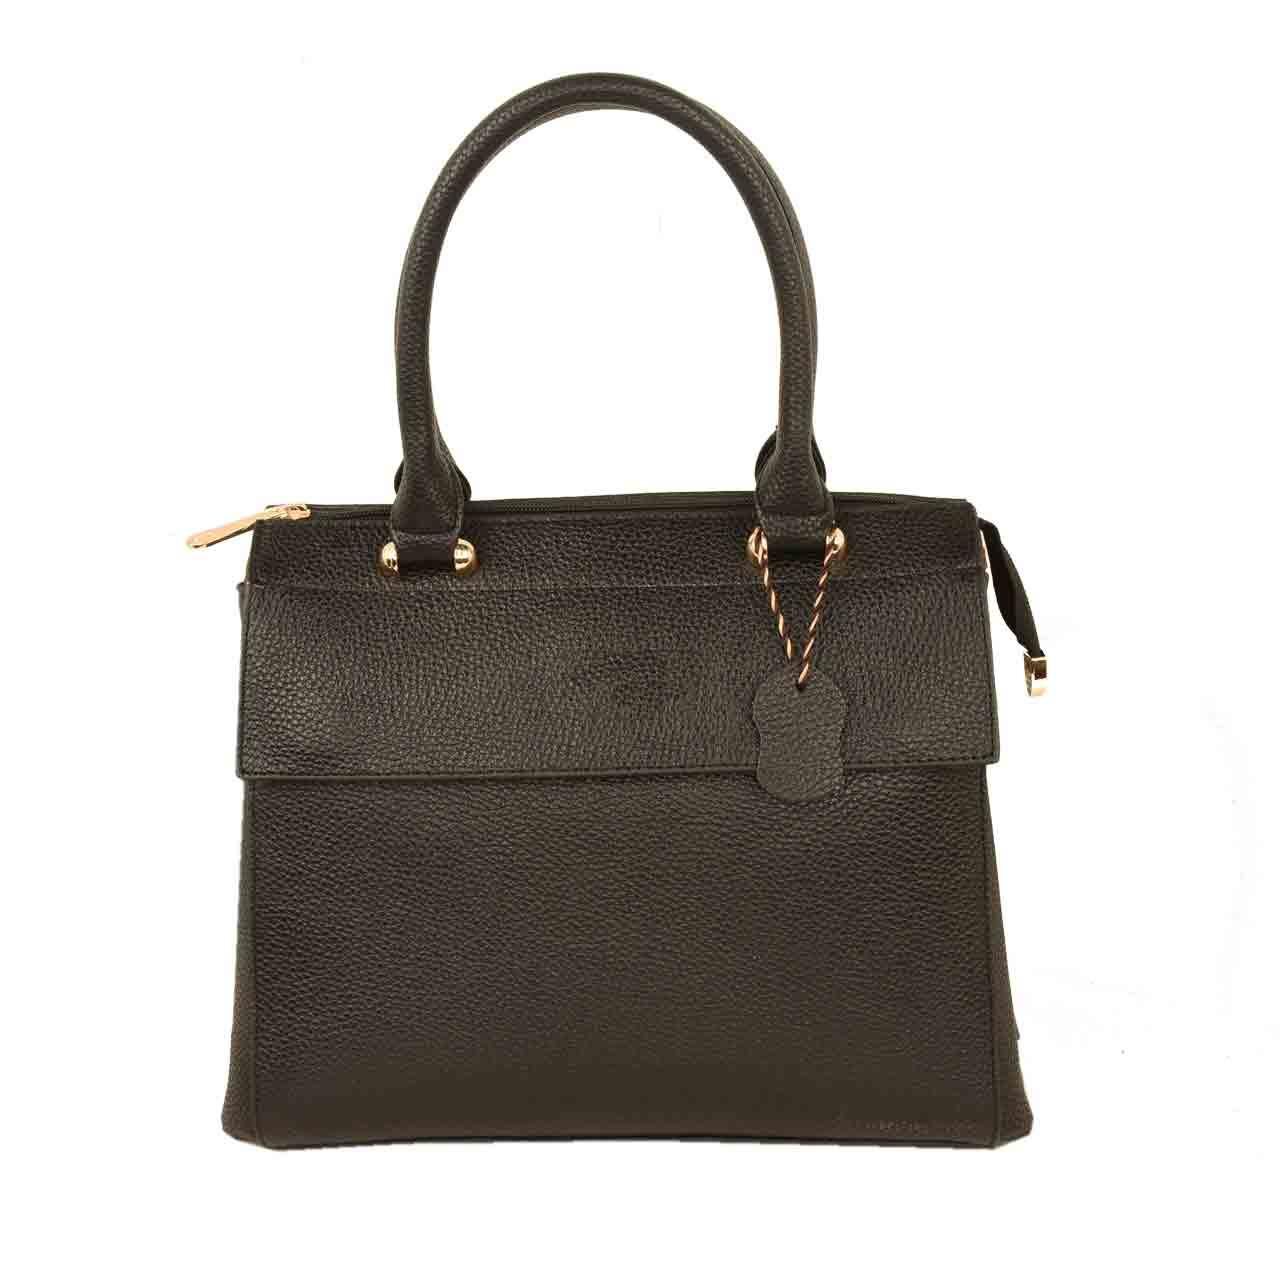 کیف دستی زنانه پارینه مدل PlV145-1495